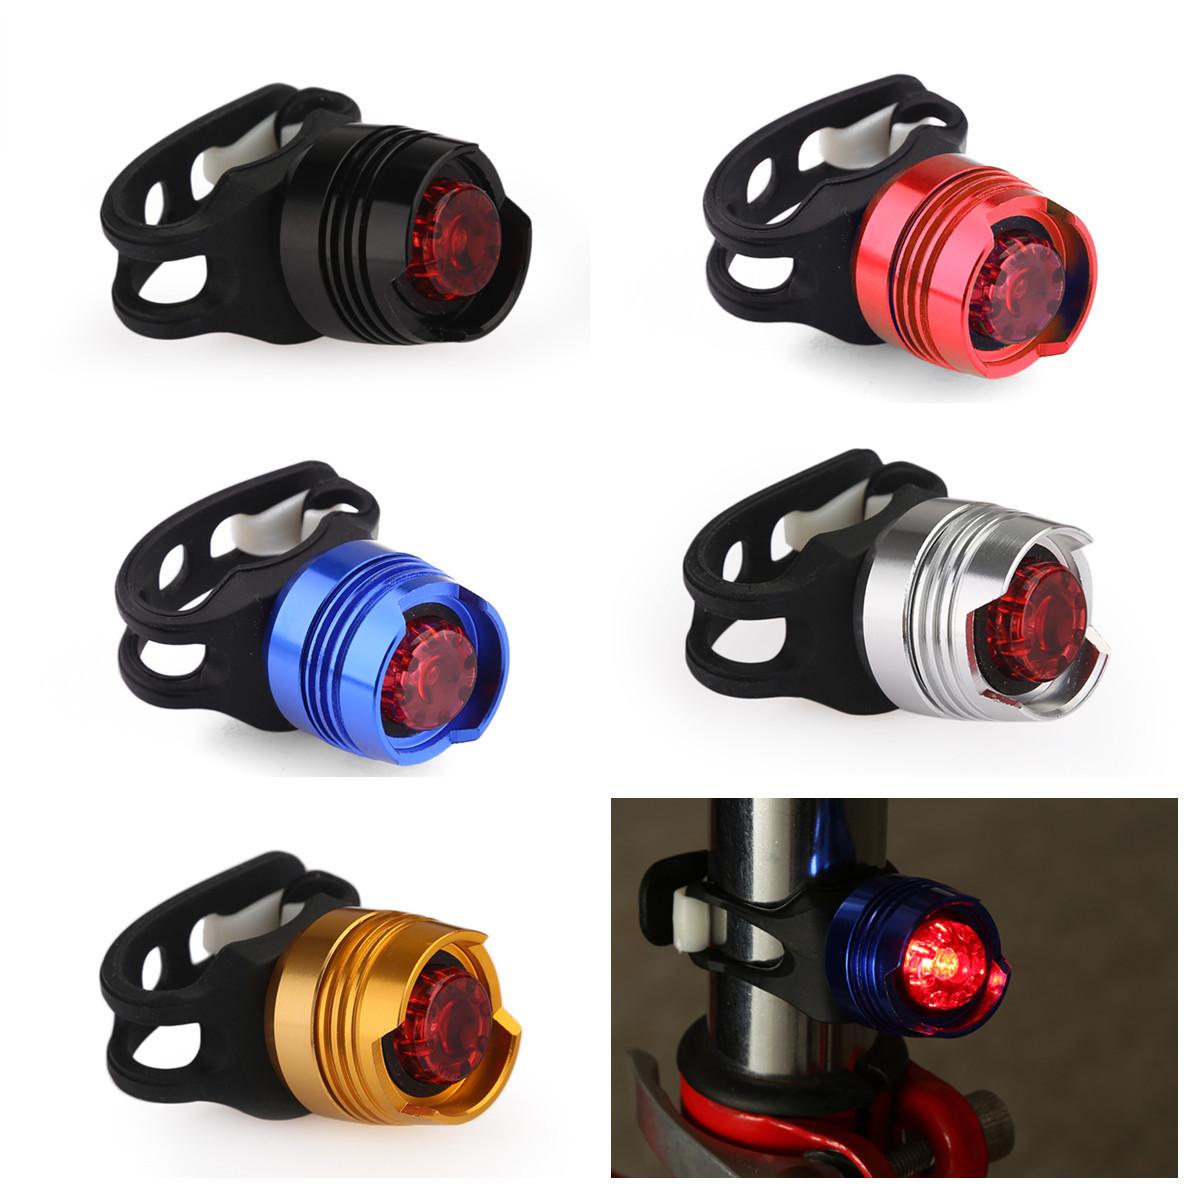 led fahrrad r cklicht lampe wasserdicht mit cr2032 akku rot licht fahrradlicht ebay. Black Bedroom Furniture Sets. Home Design Ideas